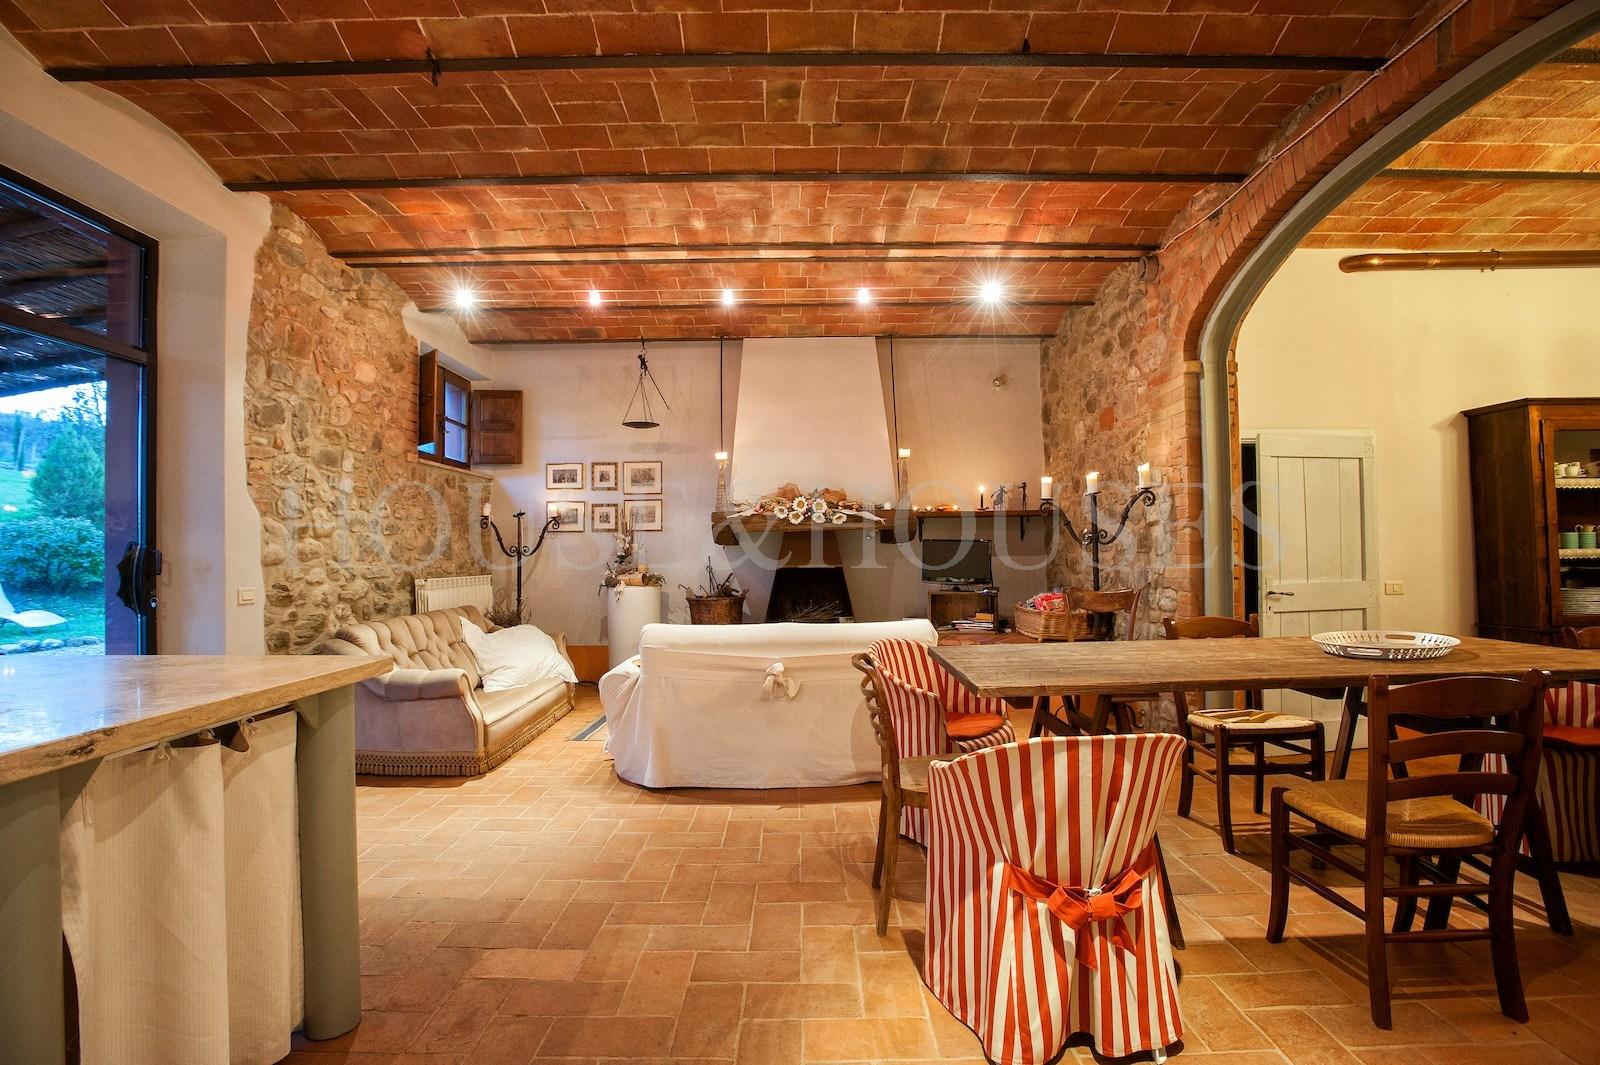 Toscana siena castiglione d 39 orcia casale con piscina in for Case con grandi cucine in vendita